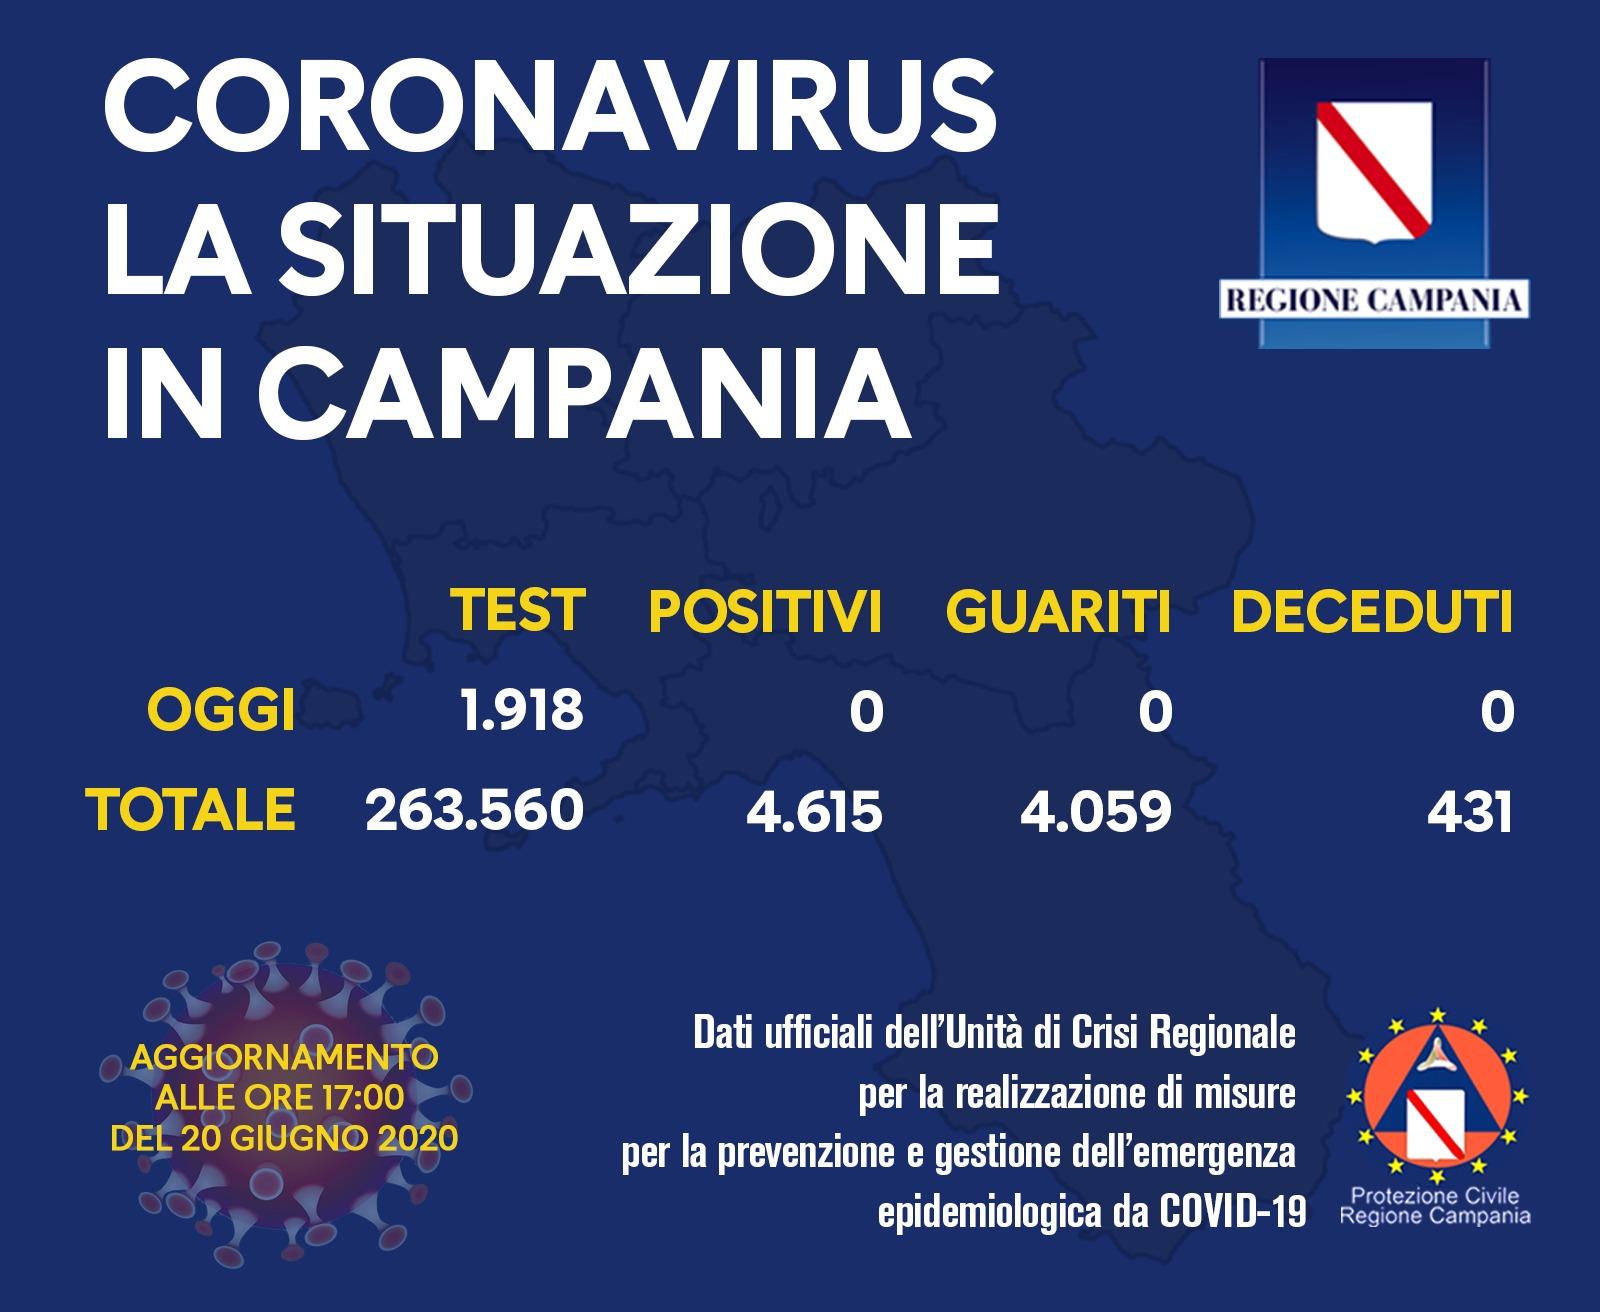 Coronavirus in Campania: bollettino delle ore 17:00 del 20 giugno 2020